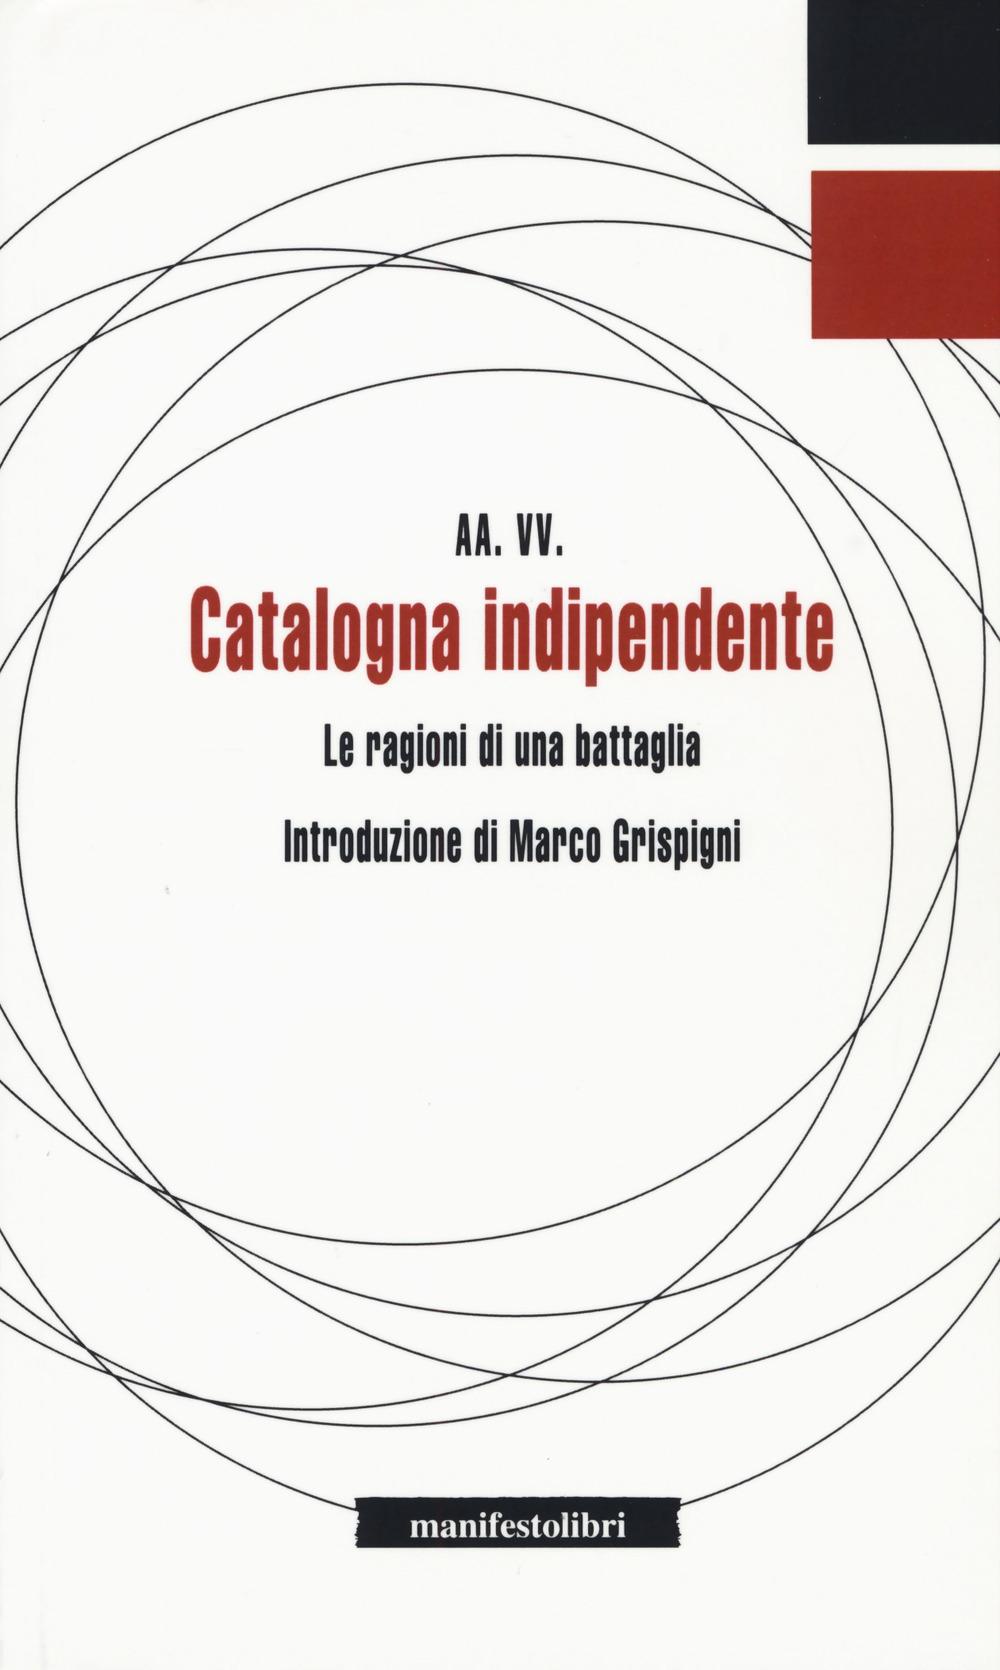 Catalogna indipendente. Le ragioni di una battaglia